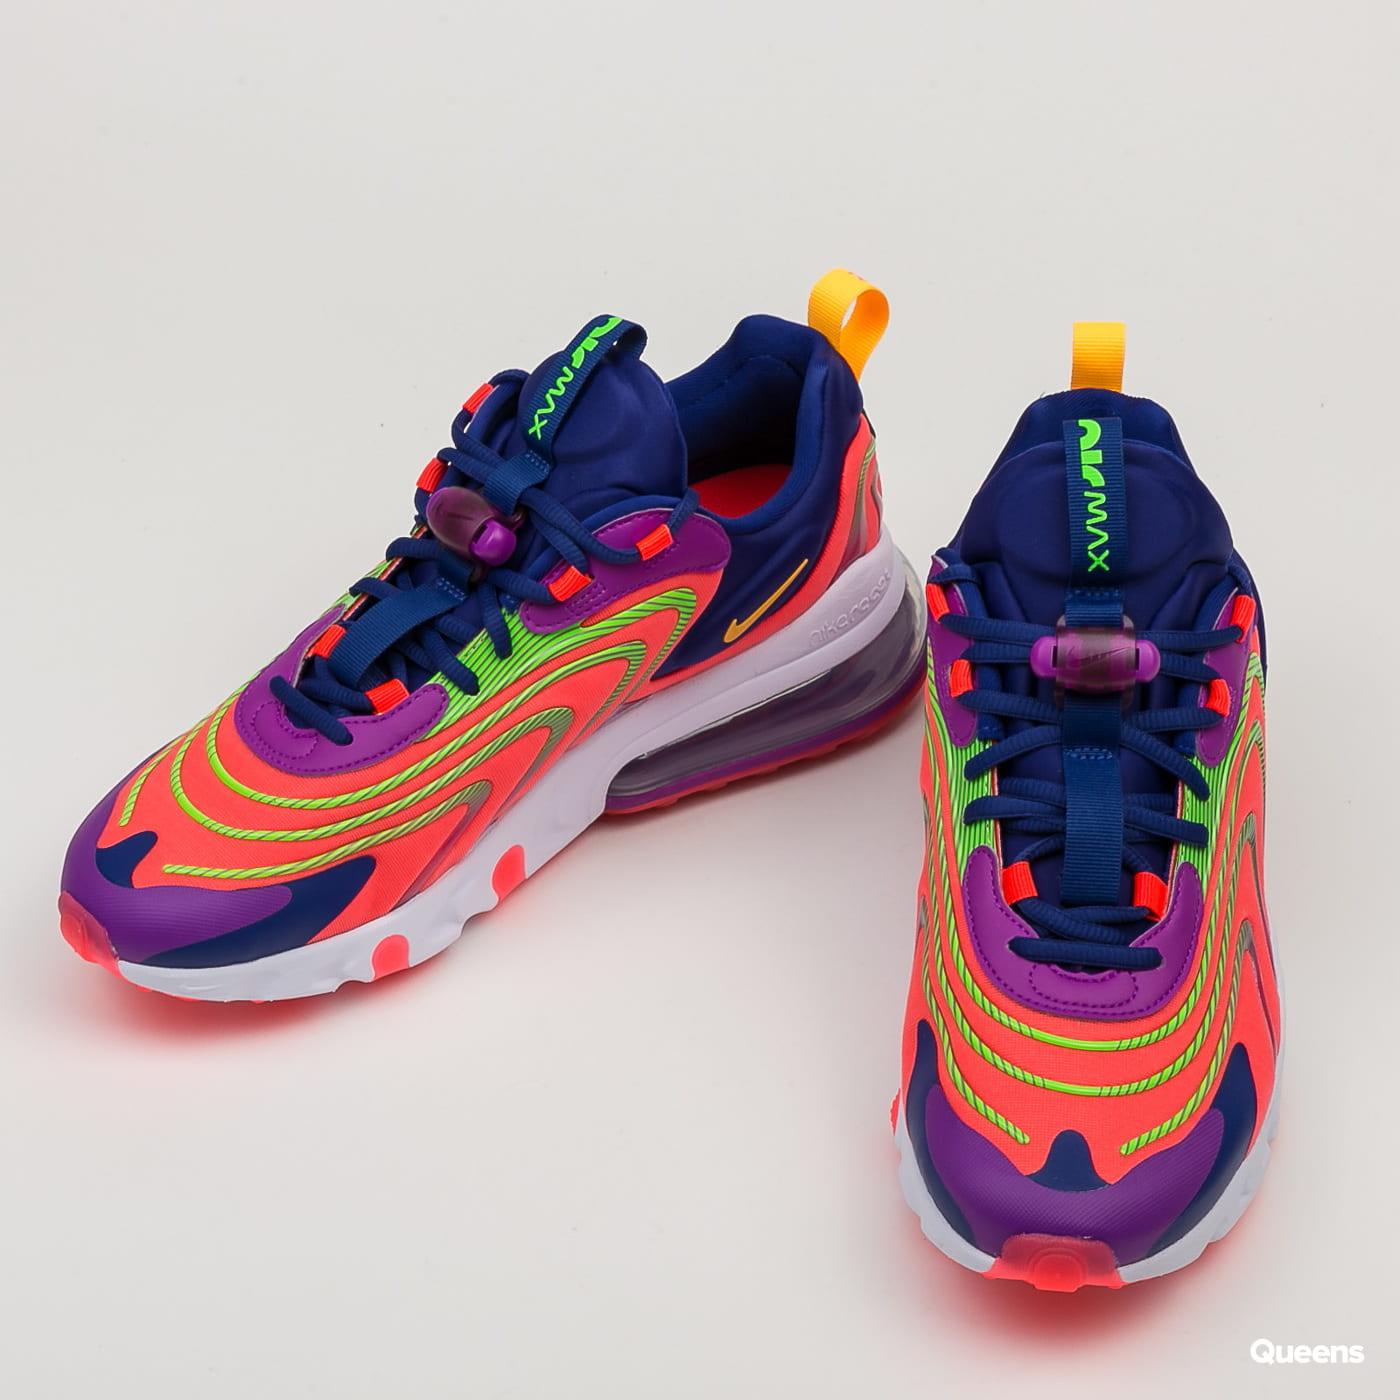 Nike Air Max 270 React ENG laser crimson / laser orange